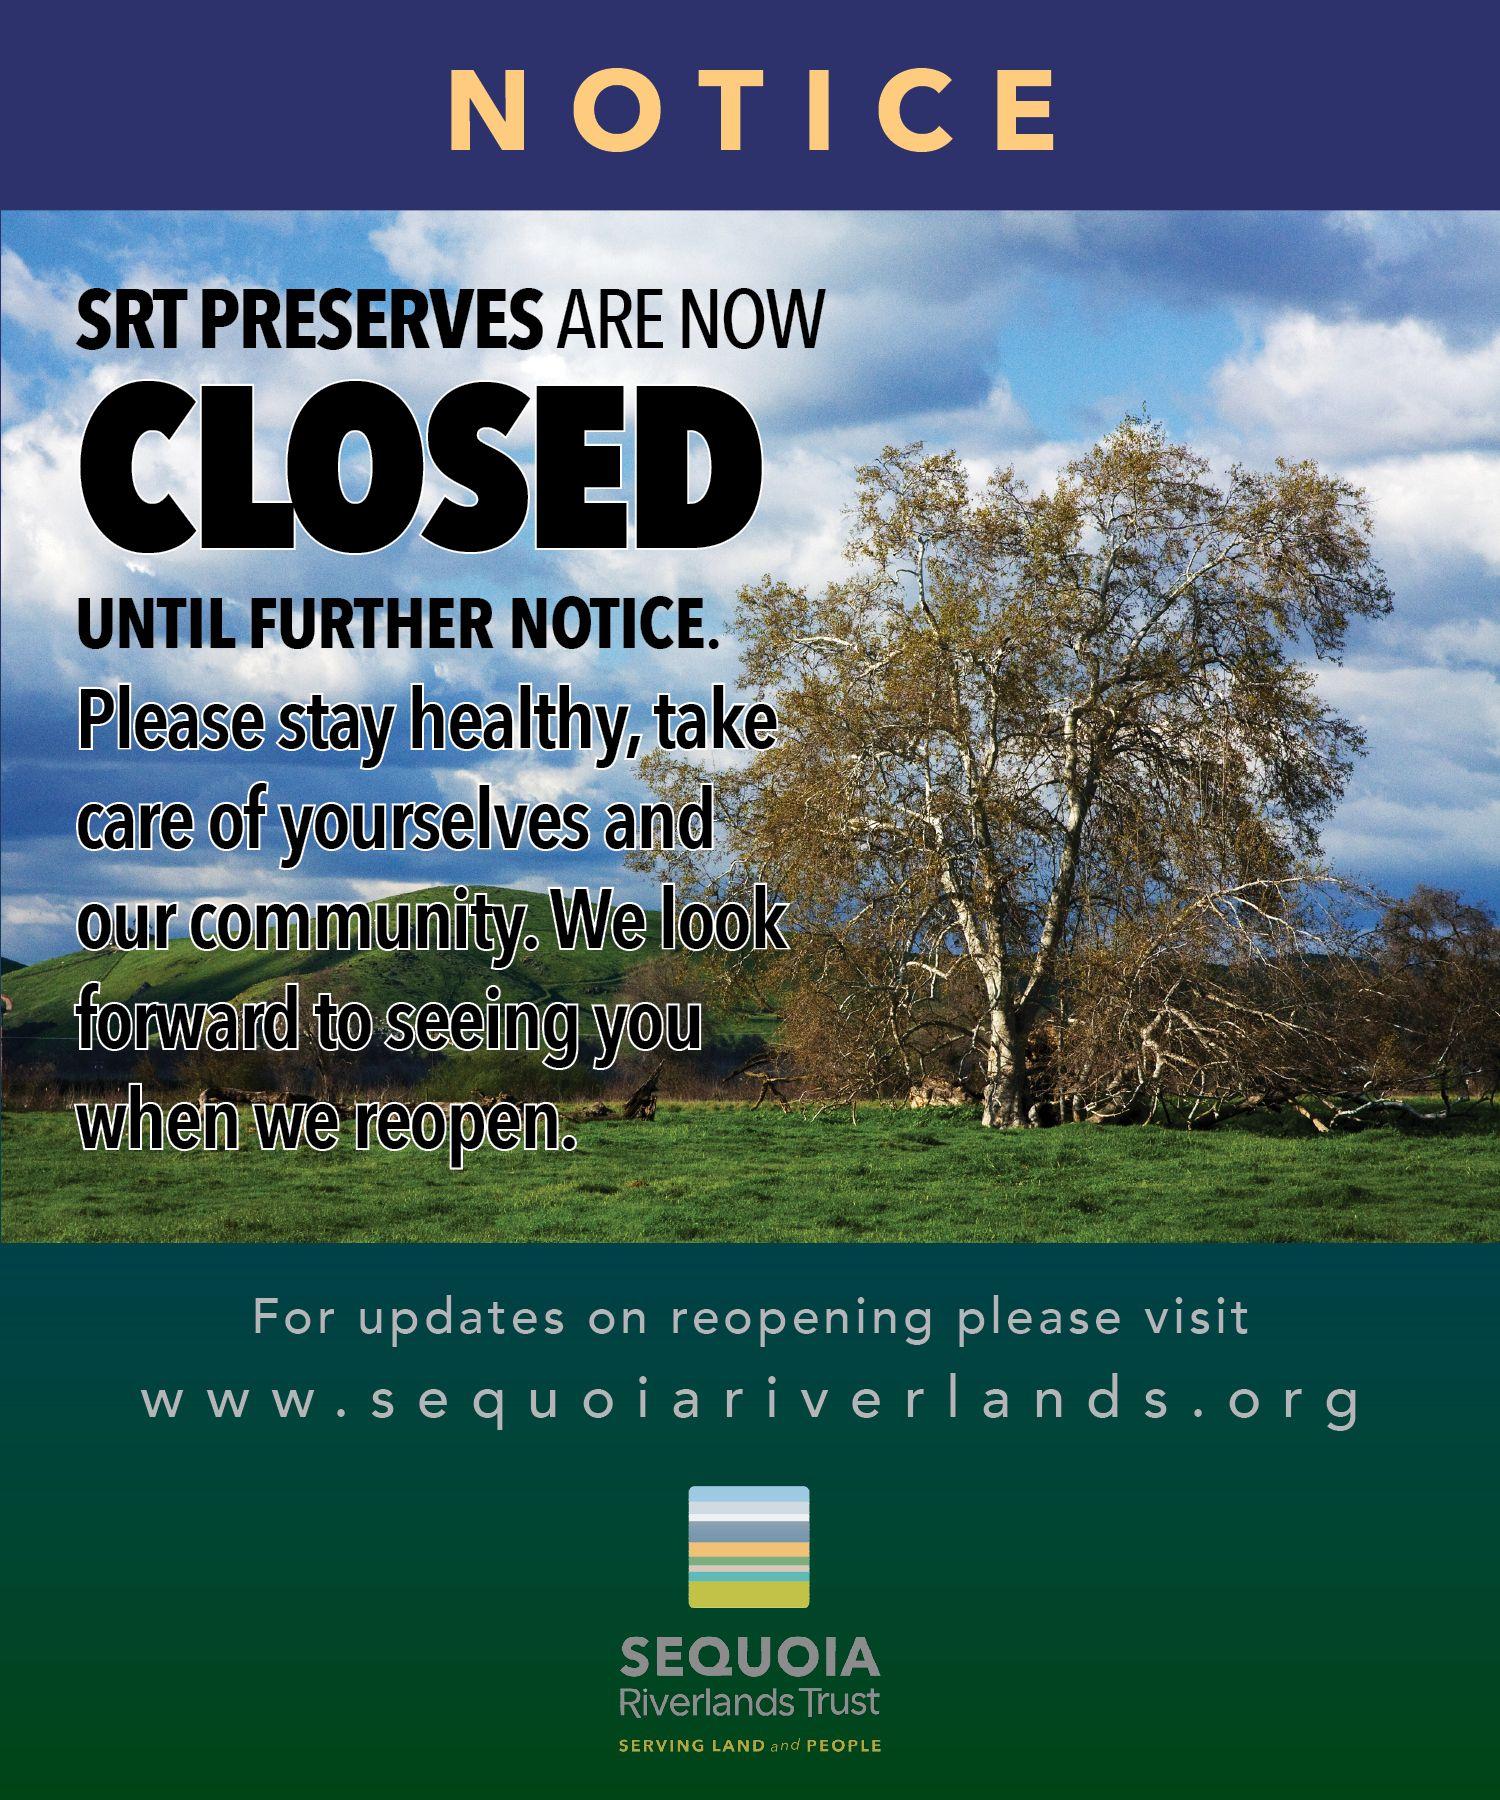 SRT Preserves CLOSED to public effective April 2, 2020